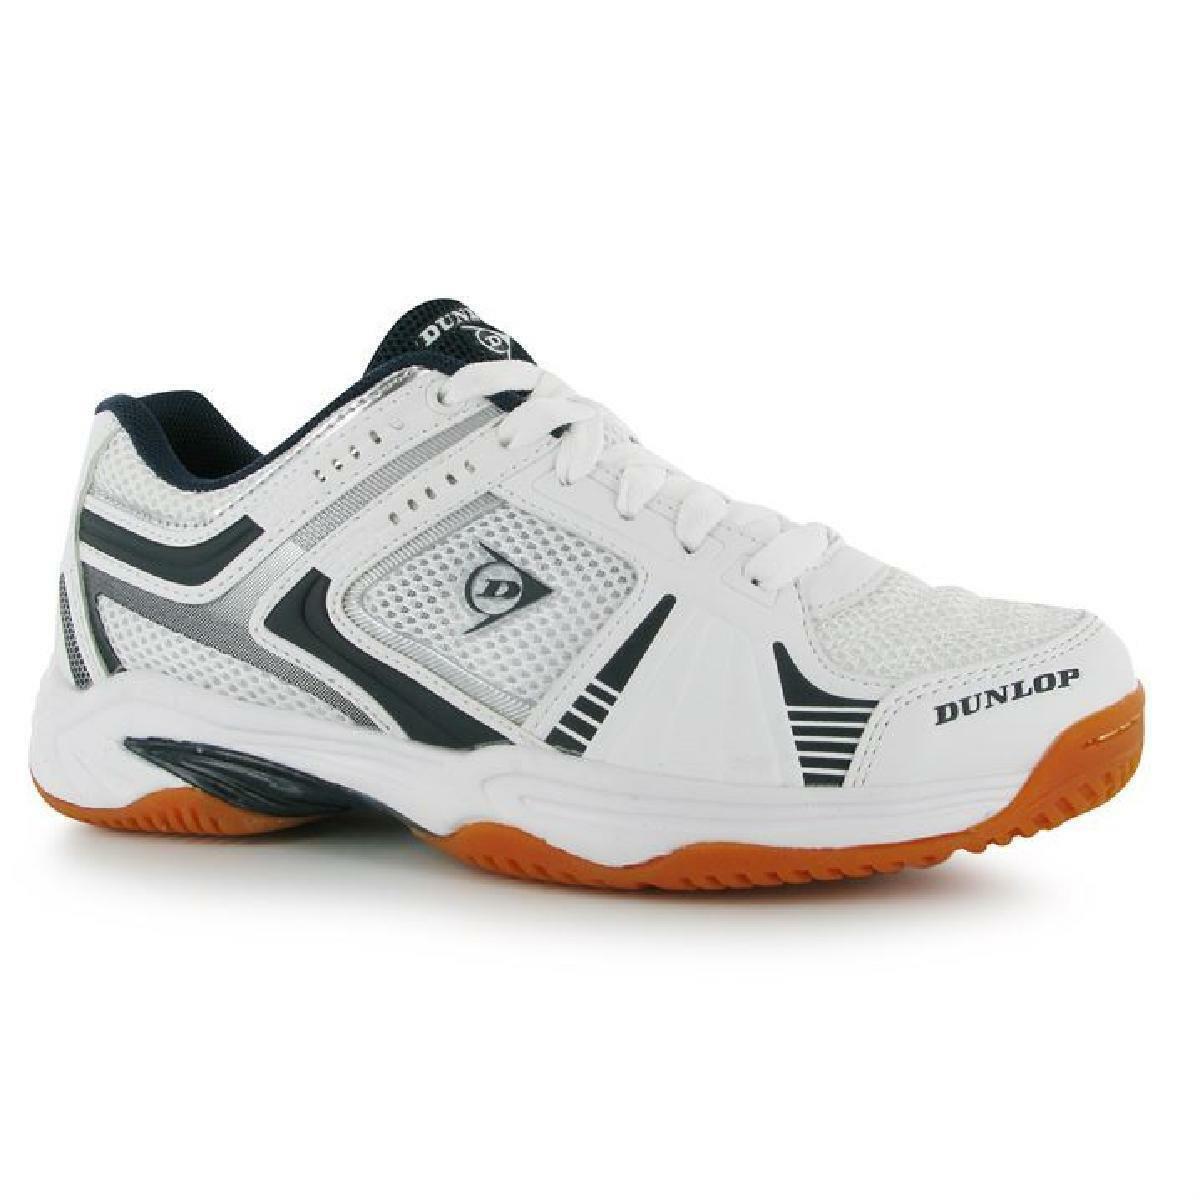 Dunlop Squash Schuhe Turnschuhe Hallenschuhe Indoor Gr 39 Sport NEU 028